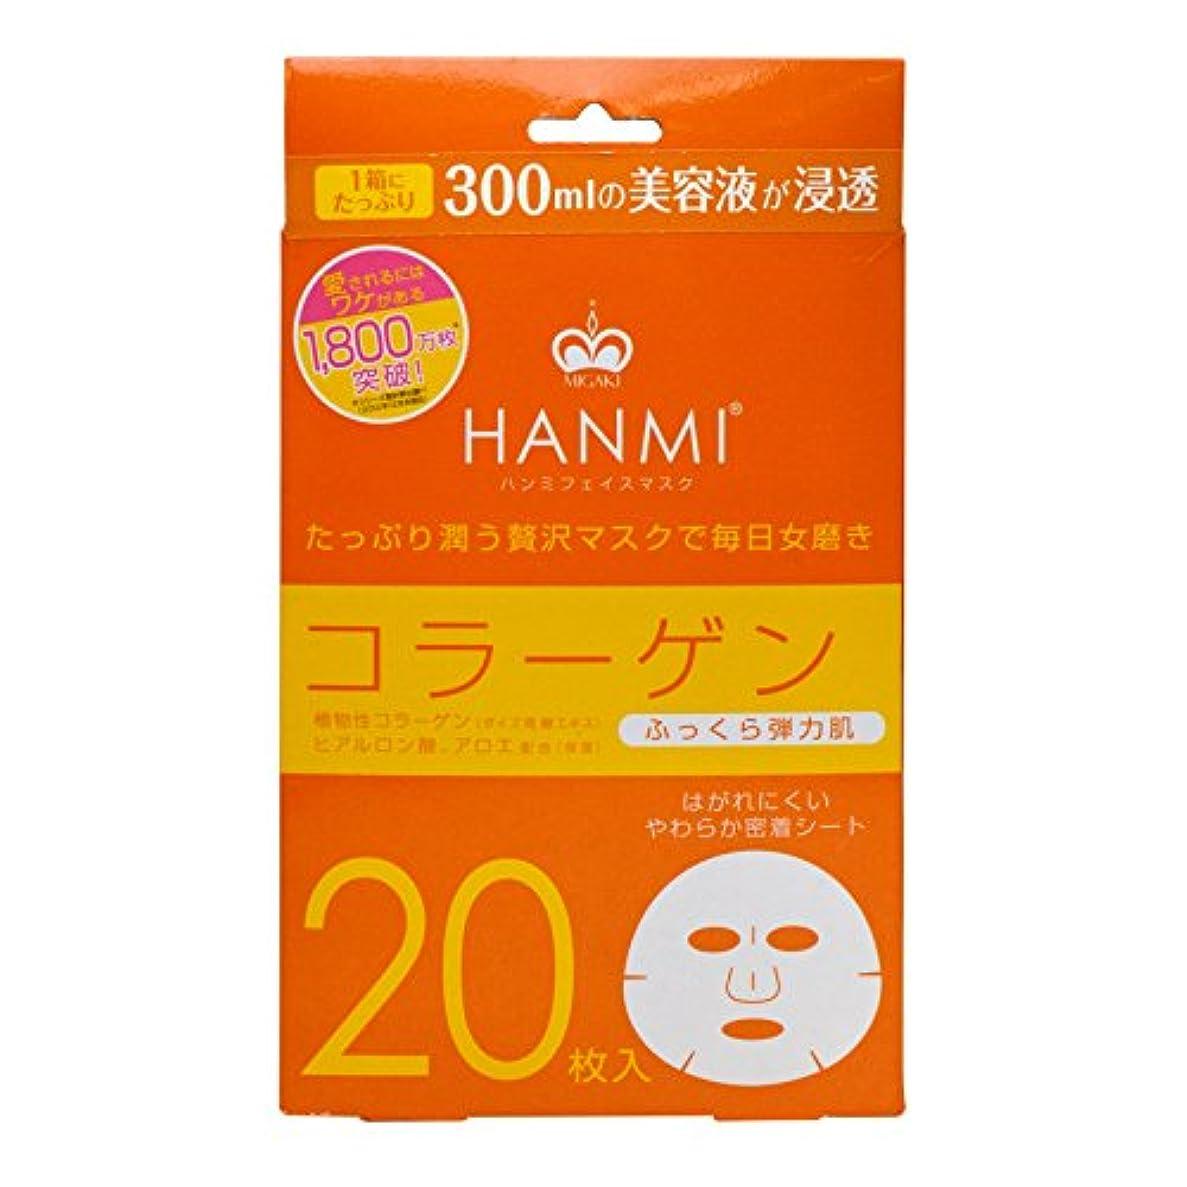 ヒゲクジラコントローラふくろうMIGAKI ハンミフェイスマスク コラーゲン 20枚入り